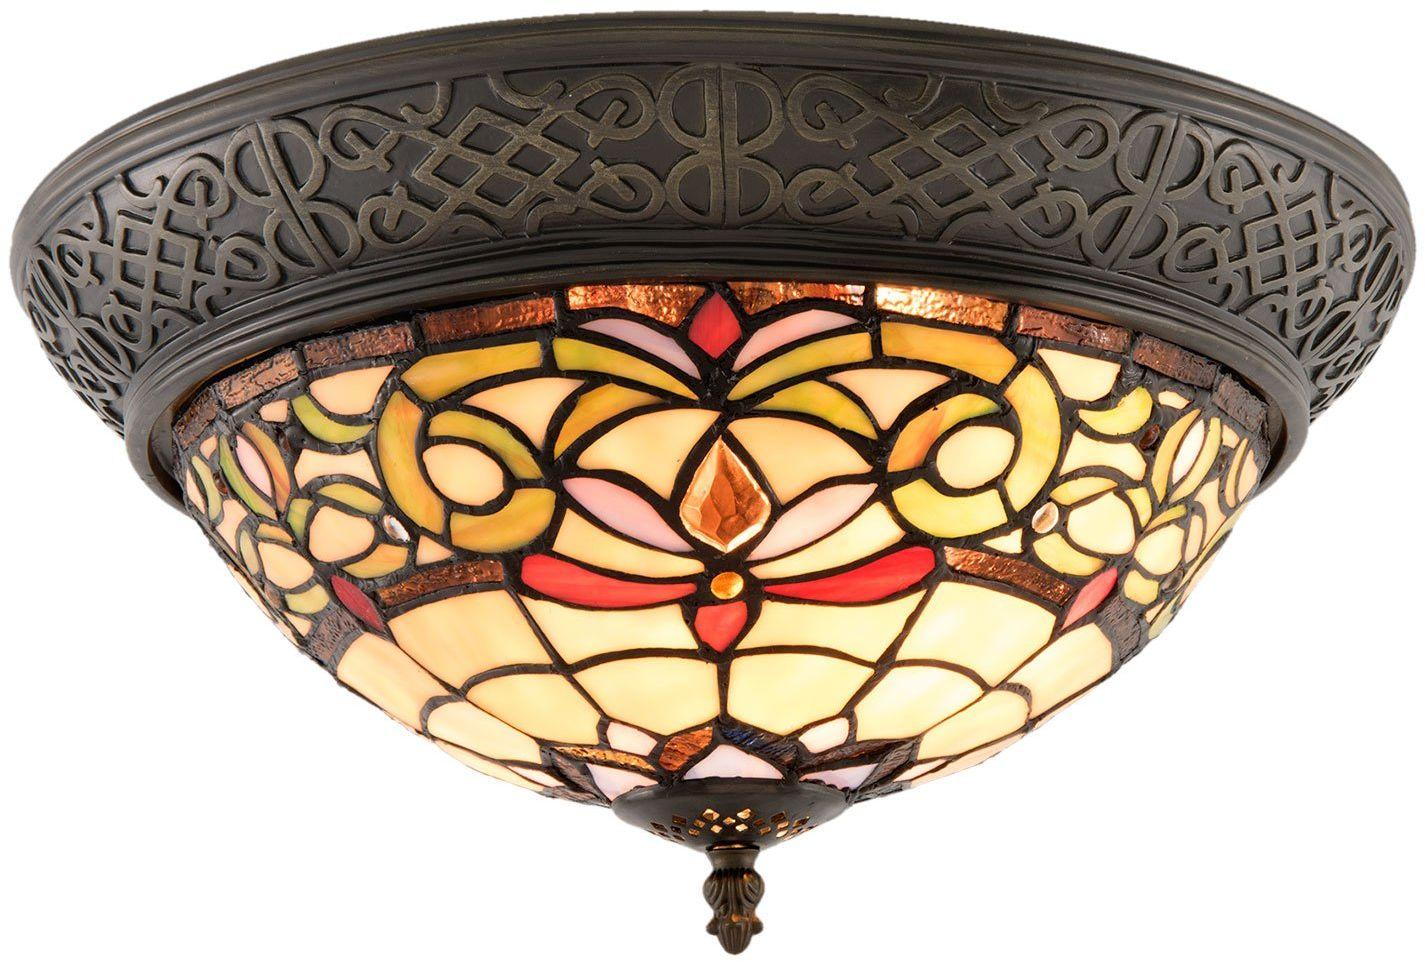 Lumilamp 5LL-5909 lampa sufitowa Tiffany Ø 38*20 cm / E14 / maks. 2x40 W dekoracyjny kolorowy styl Tiffany